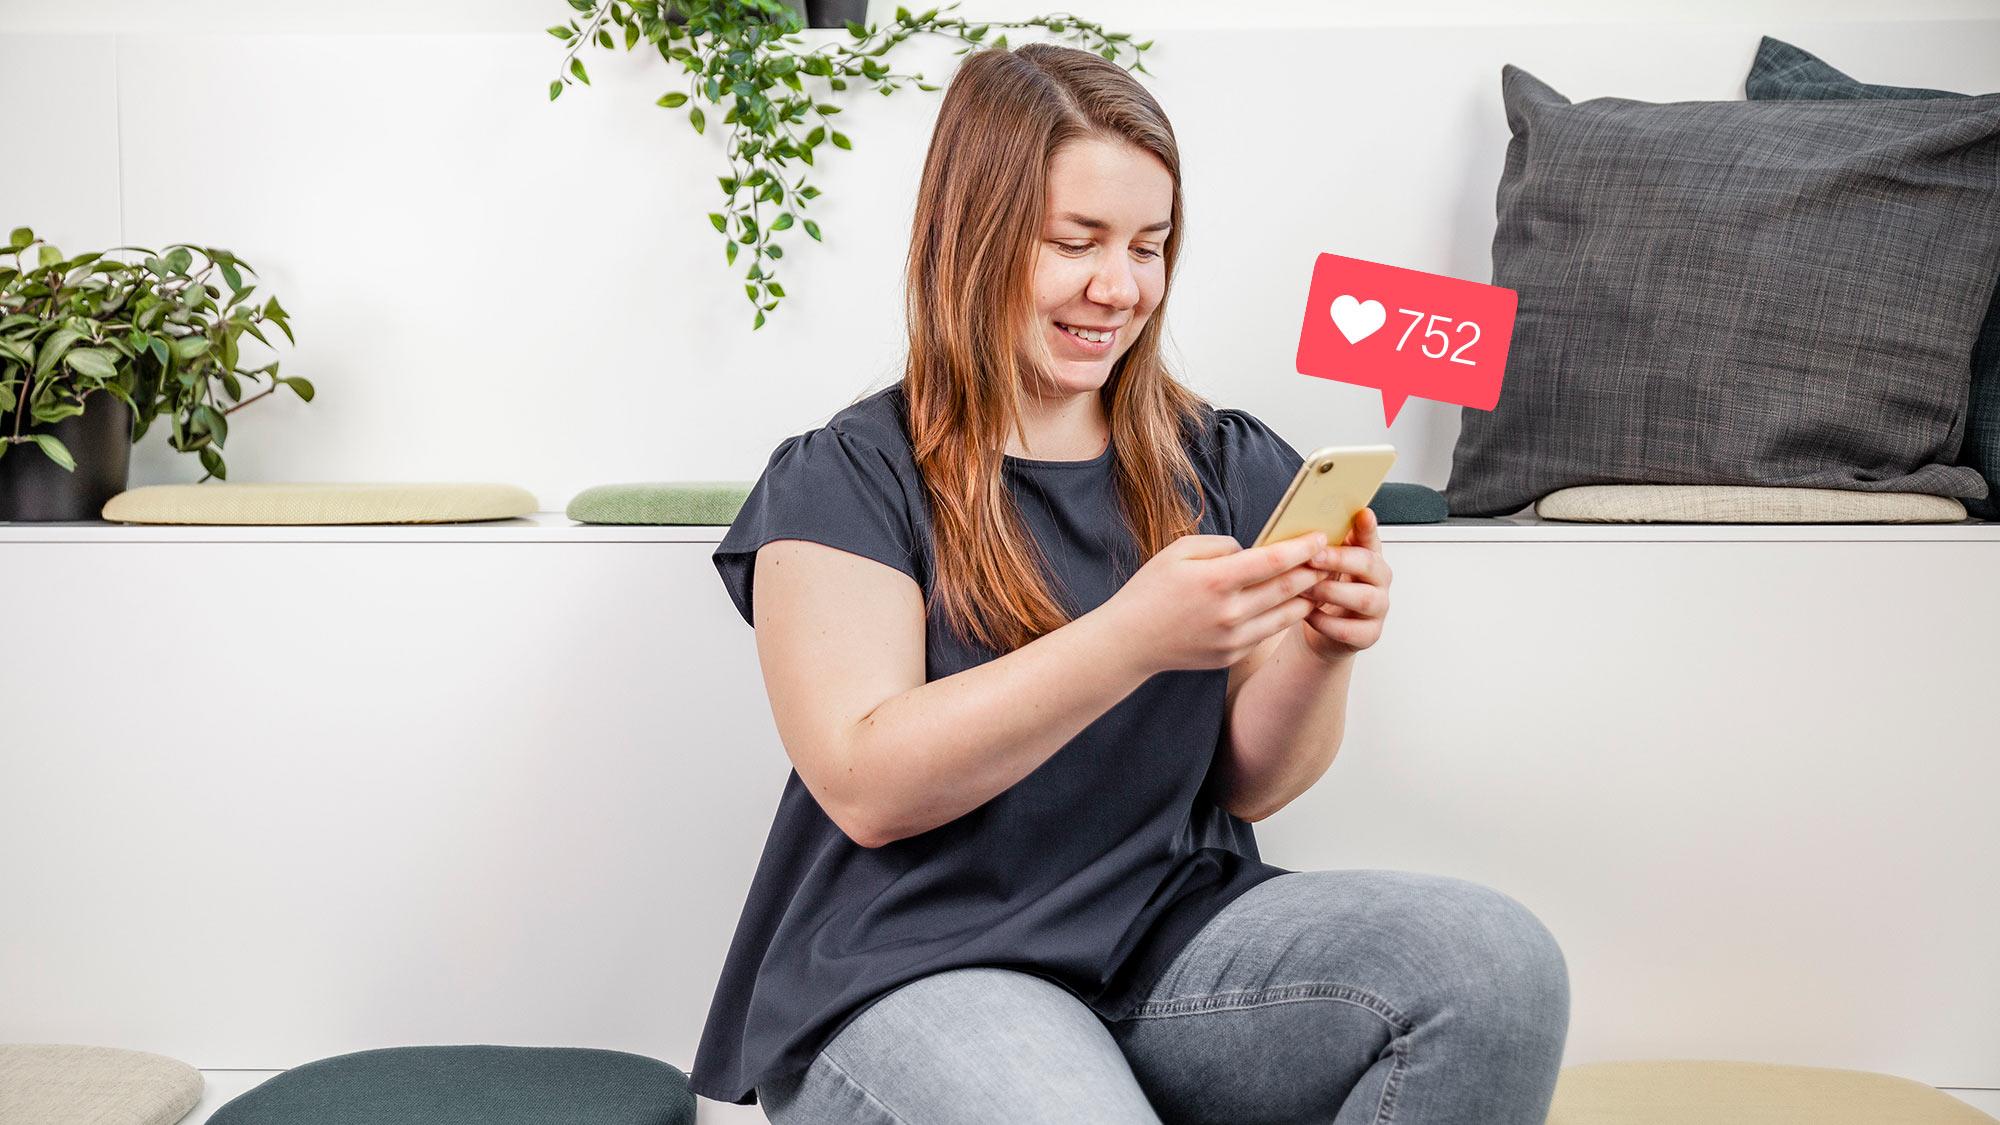 Angelica Bengtsson sitter med en mobil i handen och en icon visar att hon fått likes på Instagram.